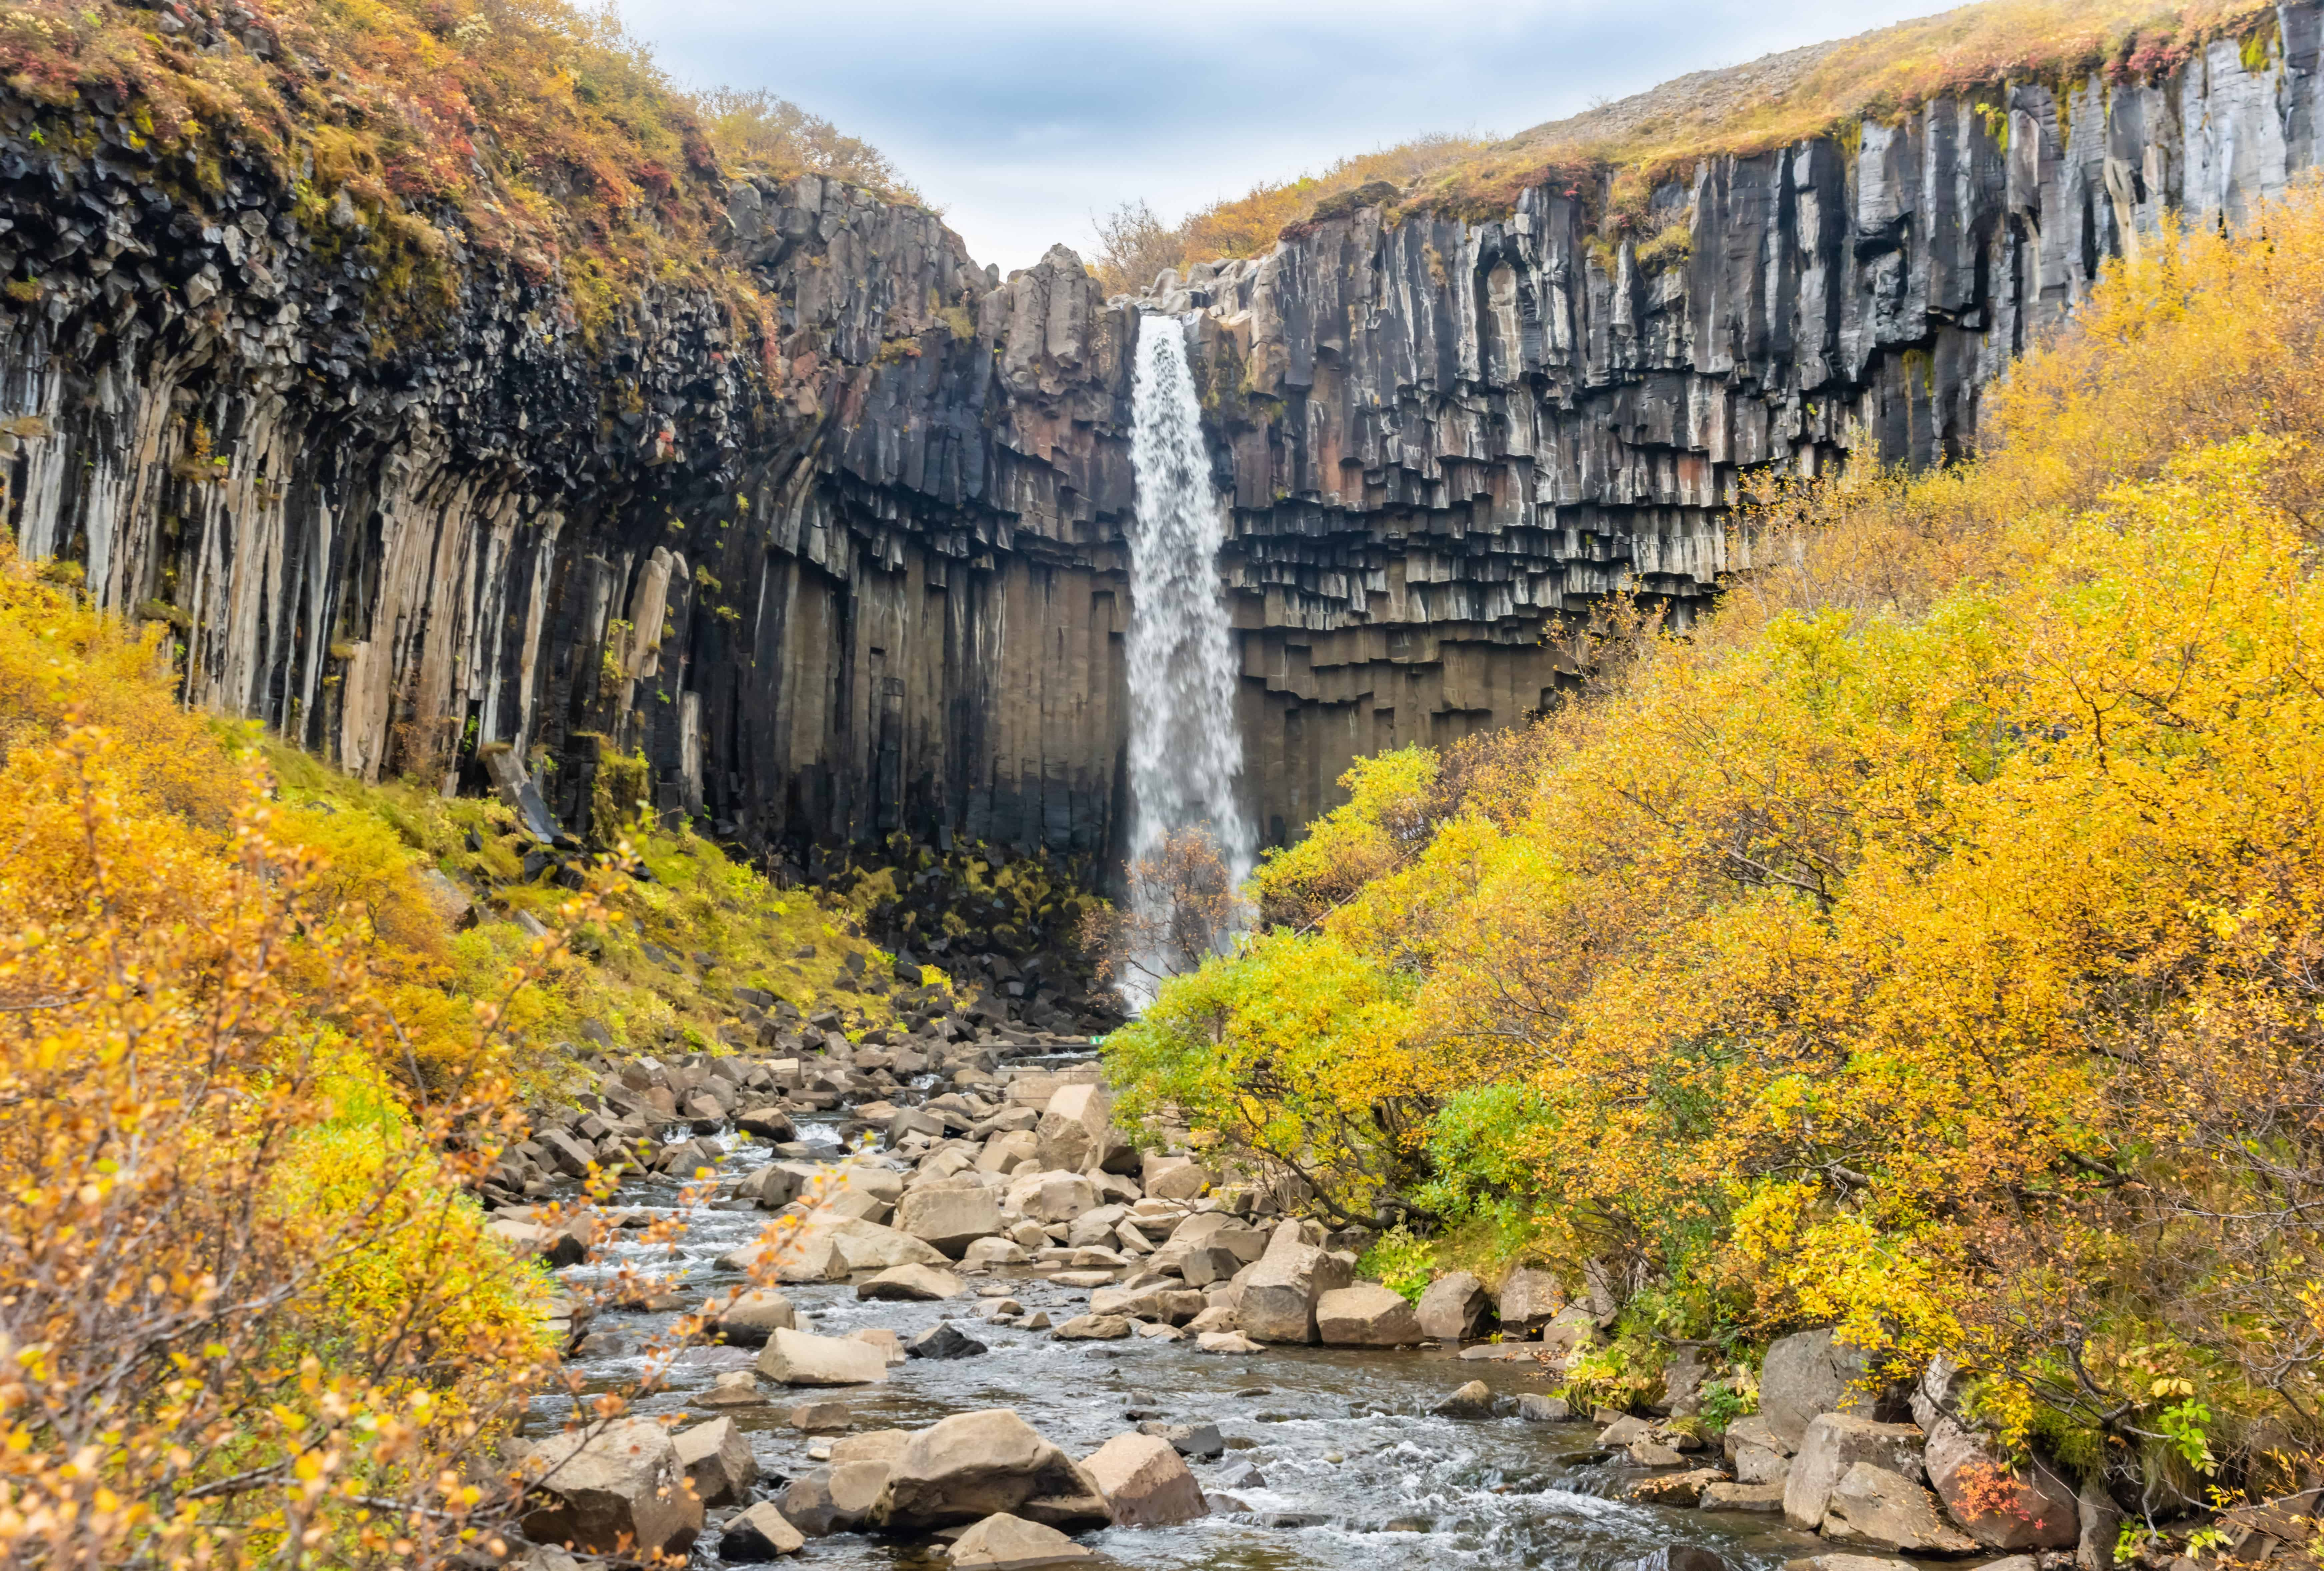 autumn at Svartifoss waterfall in Skaftafell Vatnajökull National Park in south Iceland